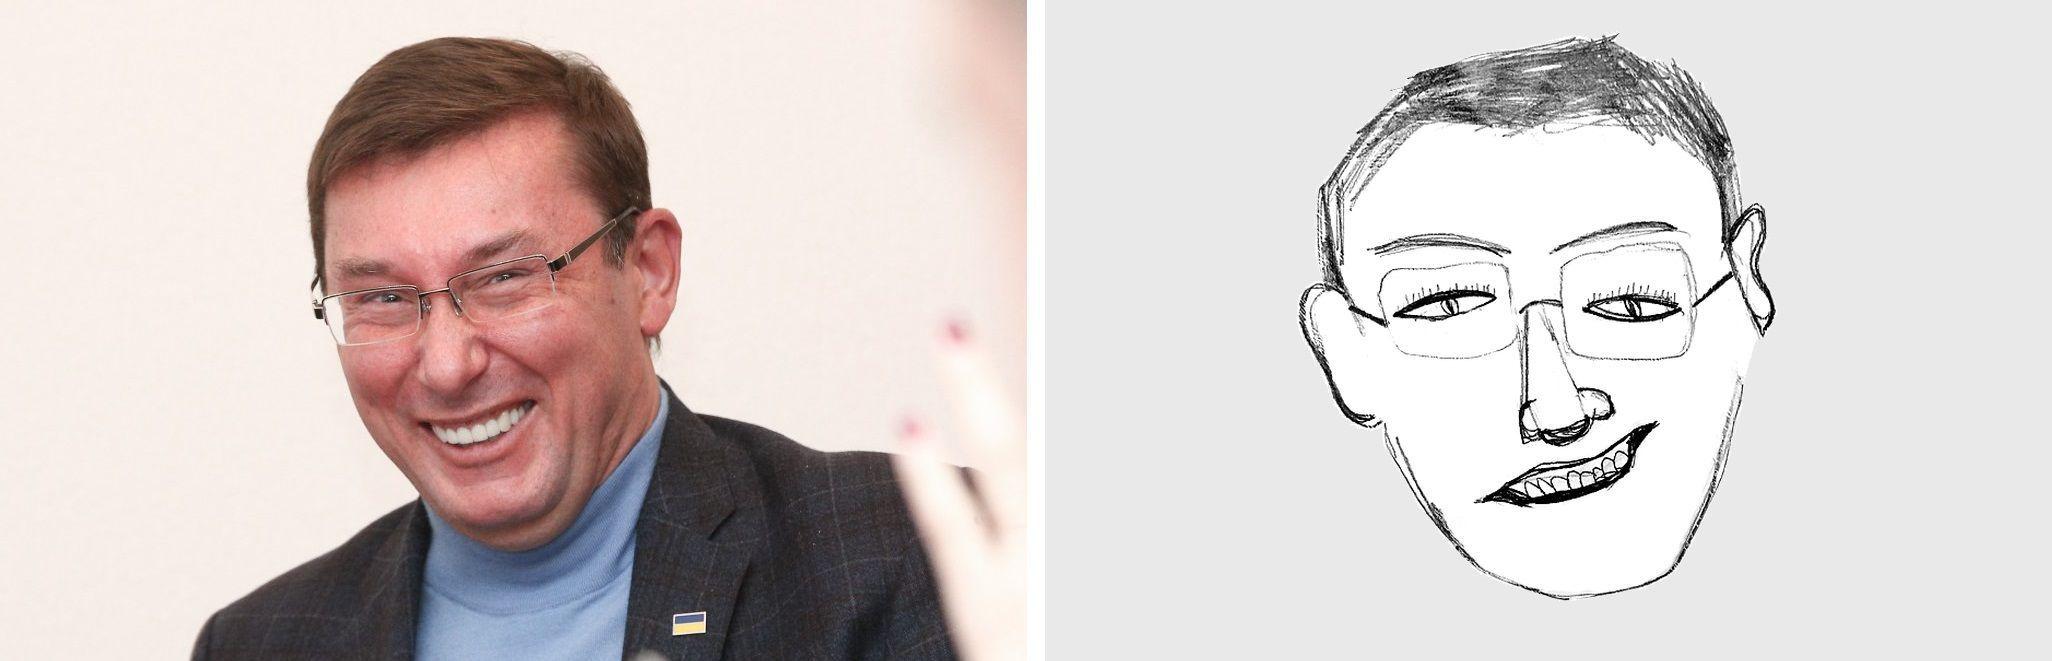 портрети політиків_1